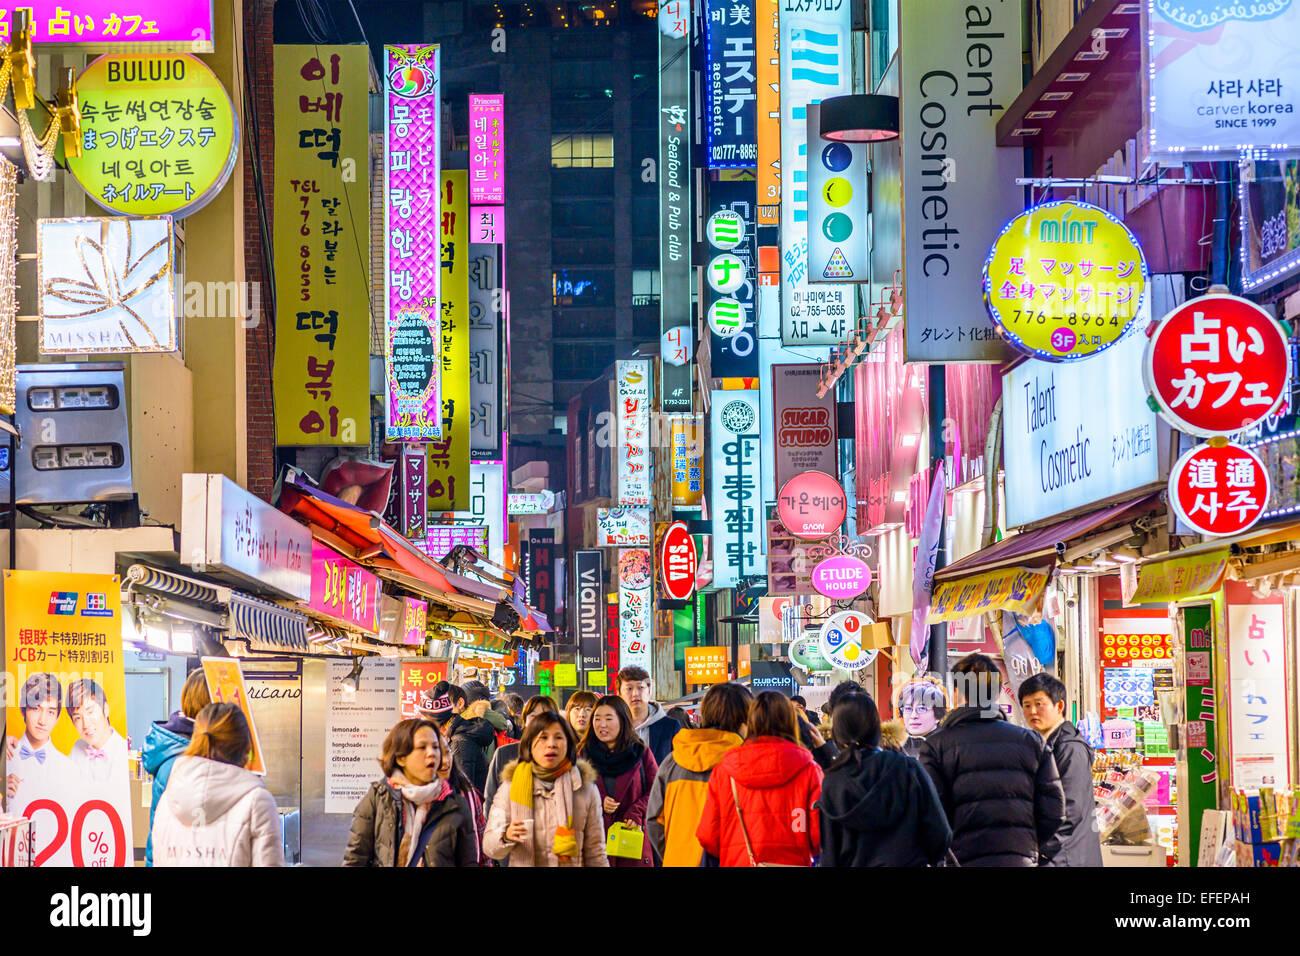 La foule profiter de la vie nocturne du quartier Myeong-Dong à Séoul. Banque D'Images